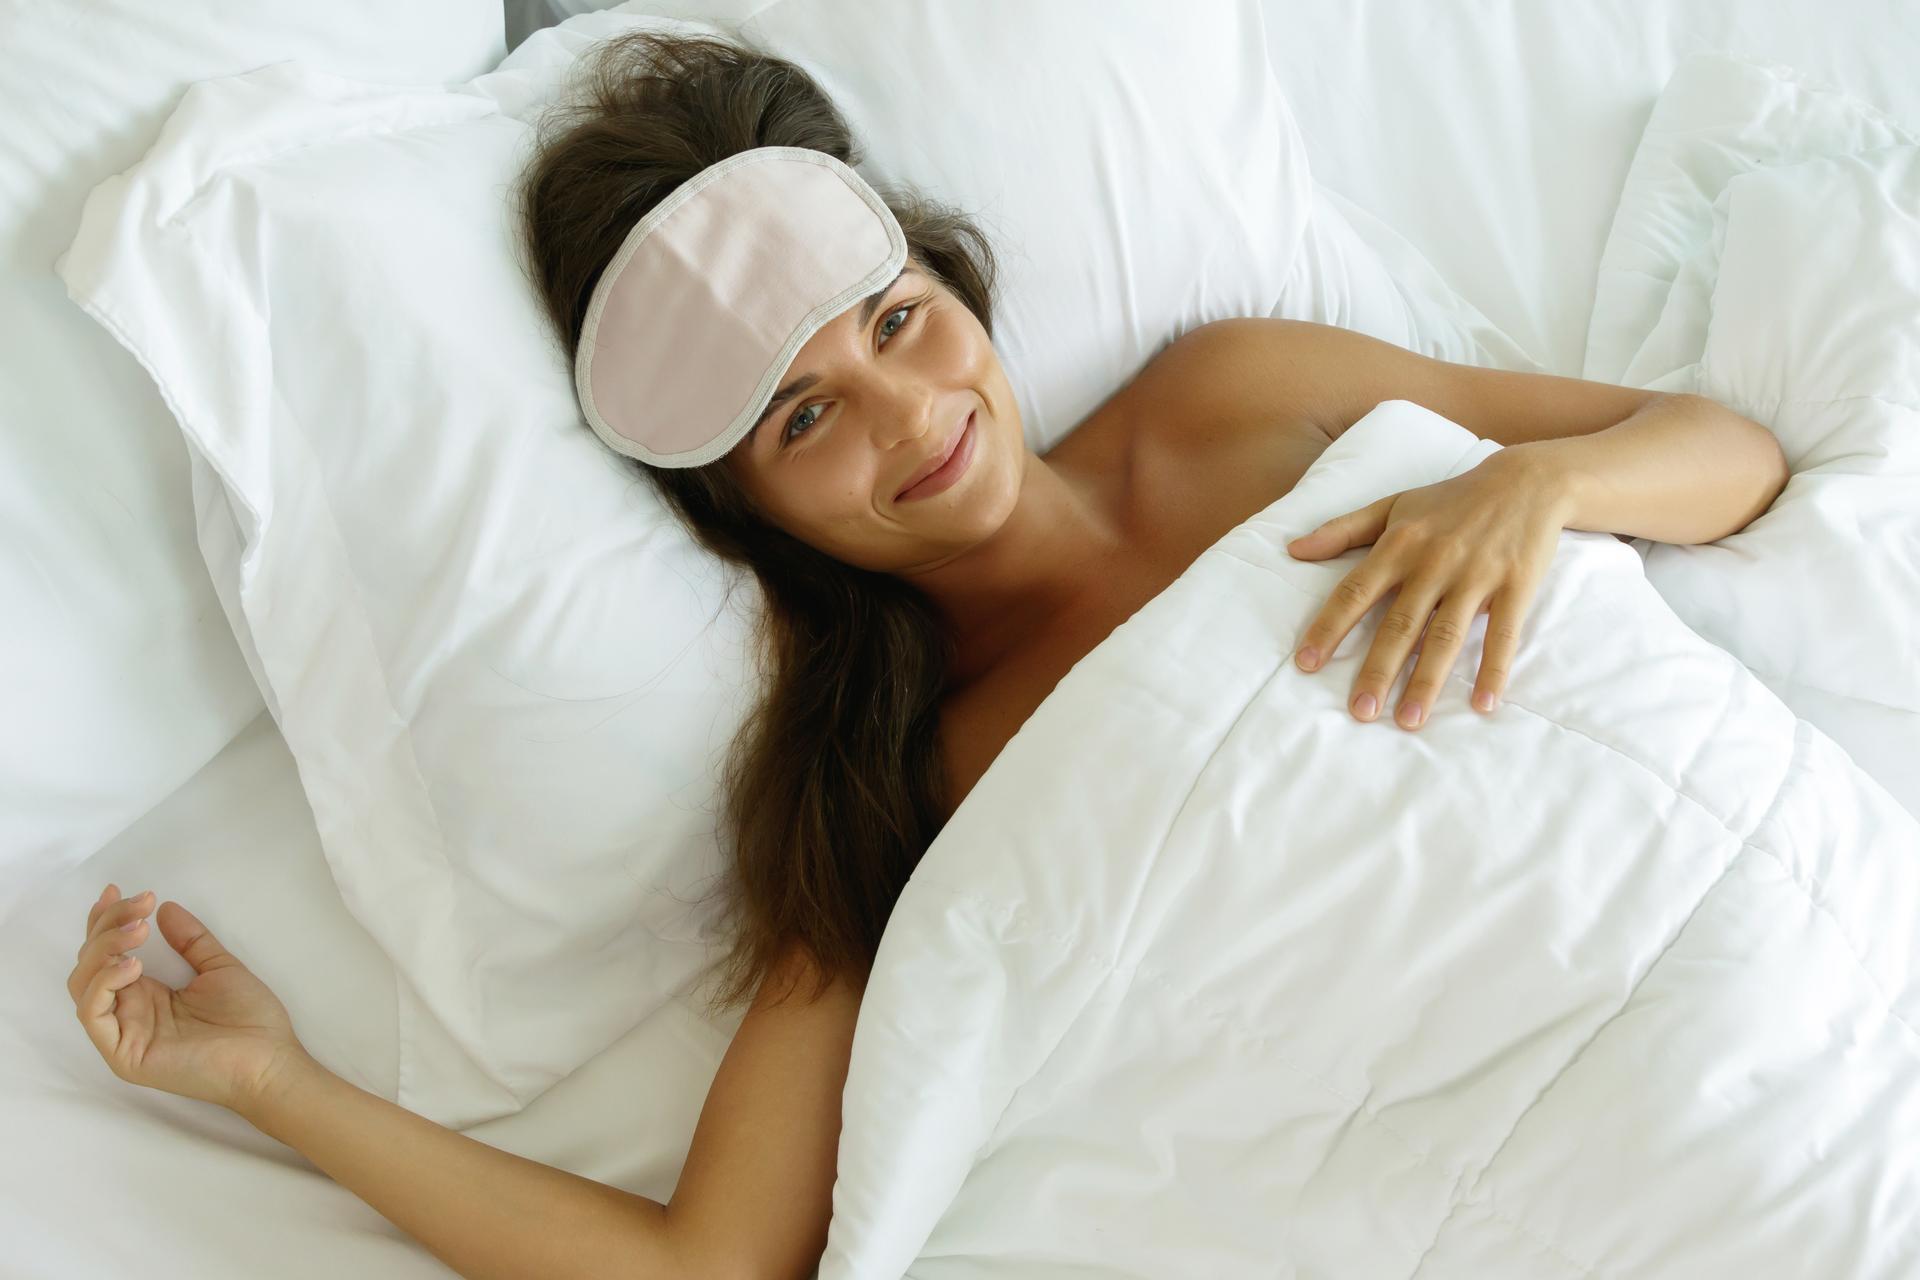 Mujer feliz y llena de energía acabándose de levantar